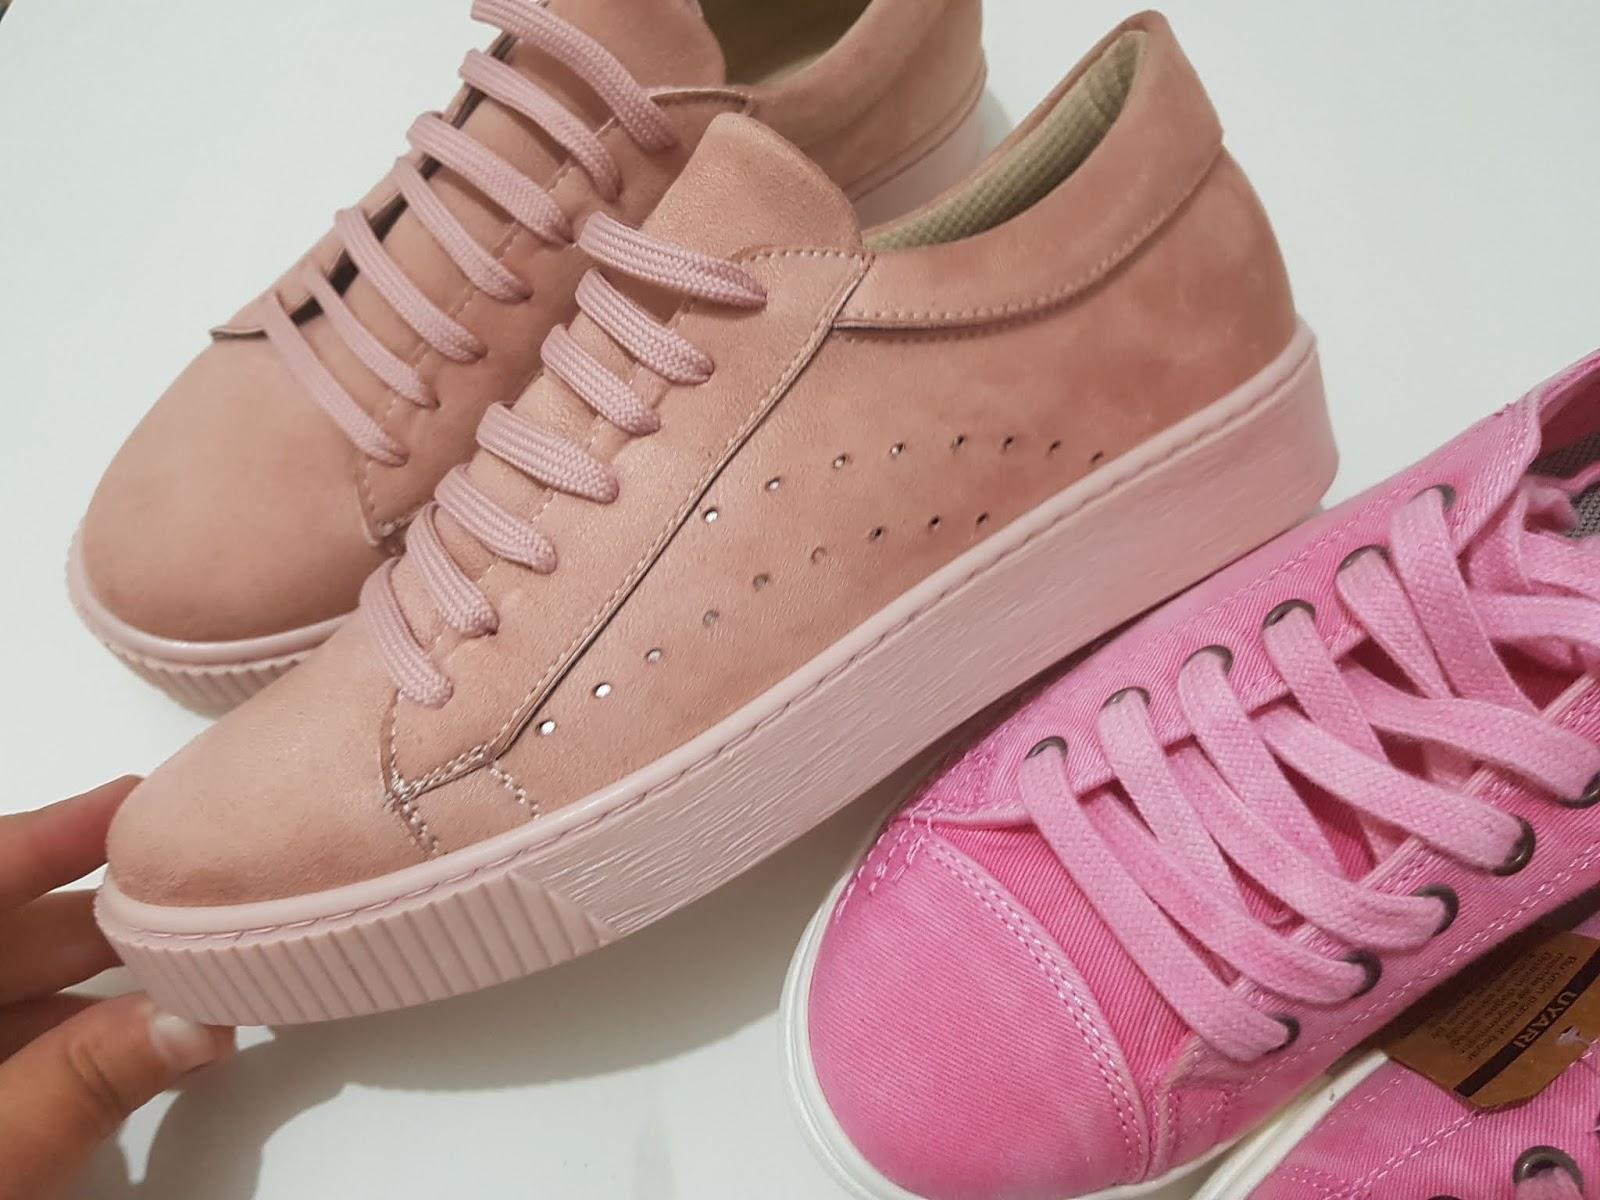 Büyük numara ayakkabı giymek çocuklar için zararlı mı